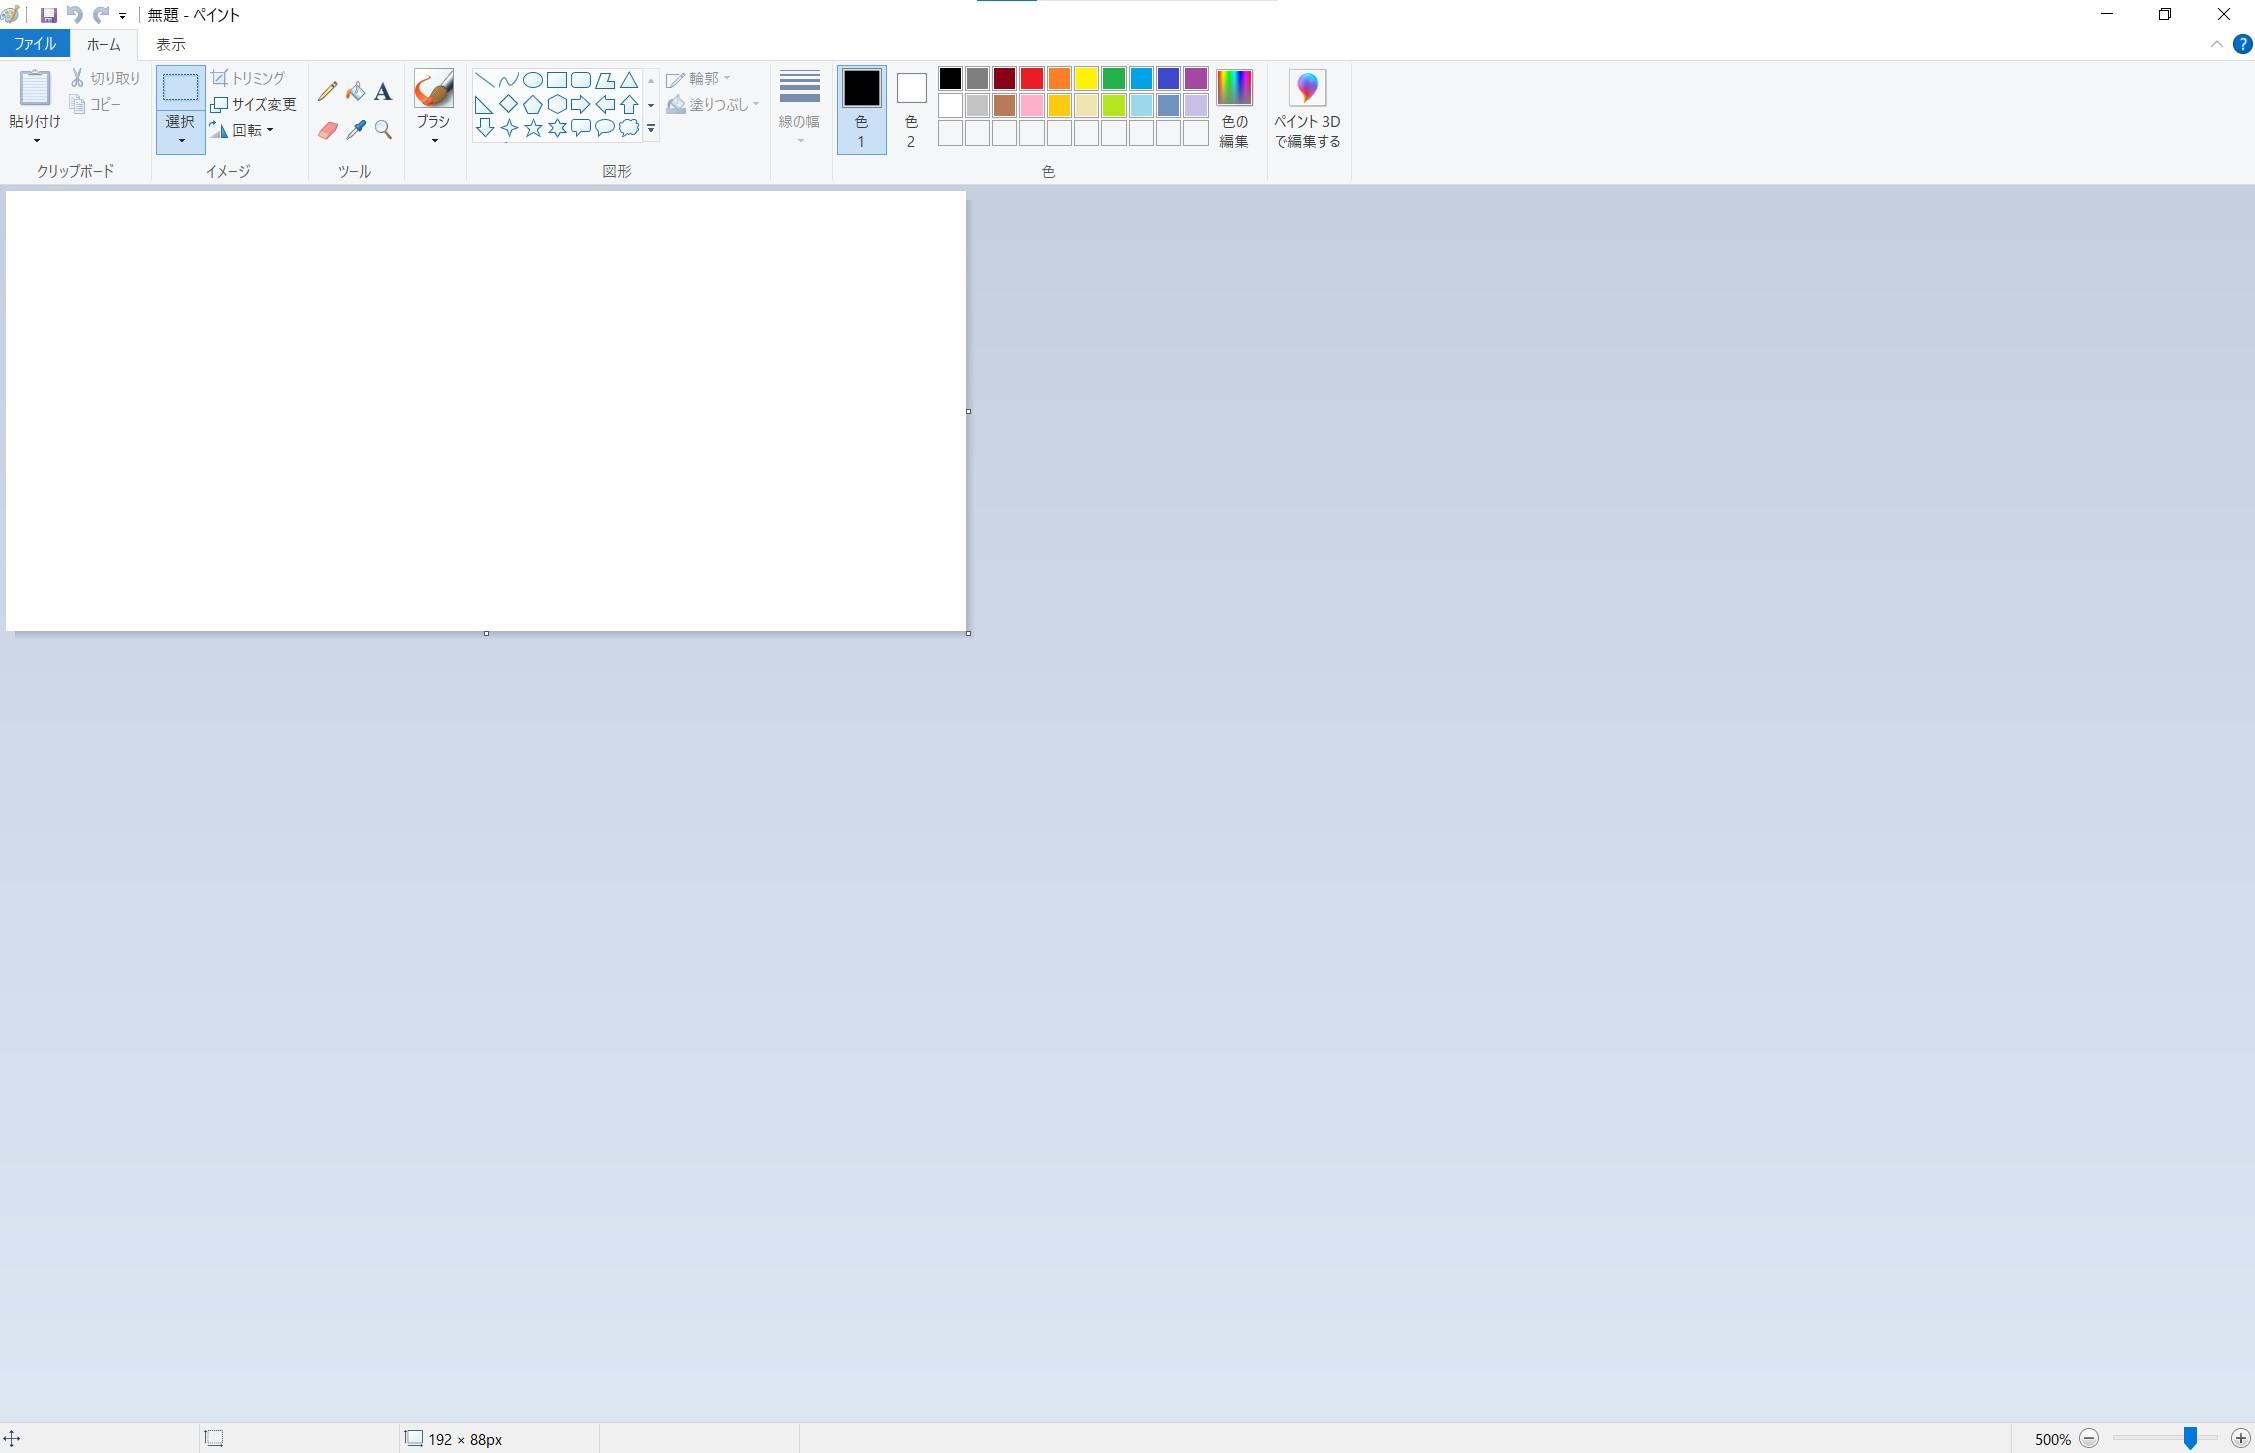 Windows10でペイントを使用する方法【ペイント3Dではなくペイント】